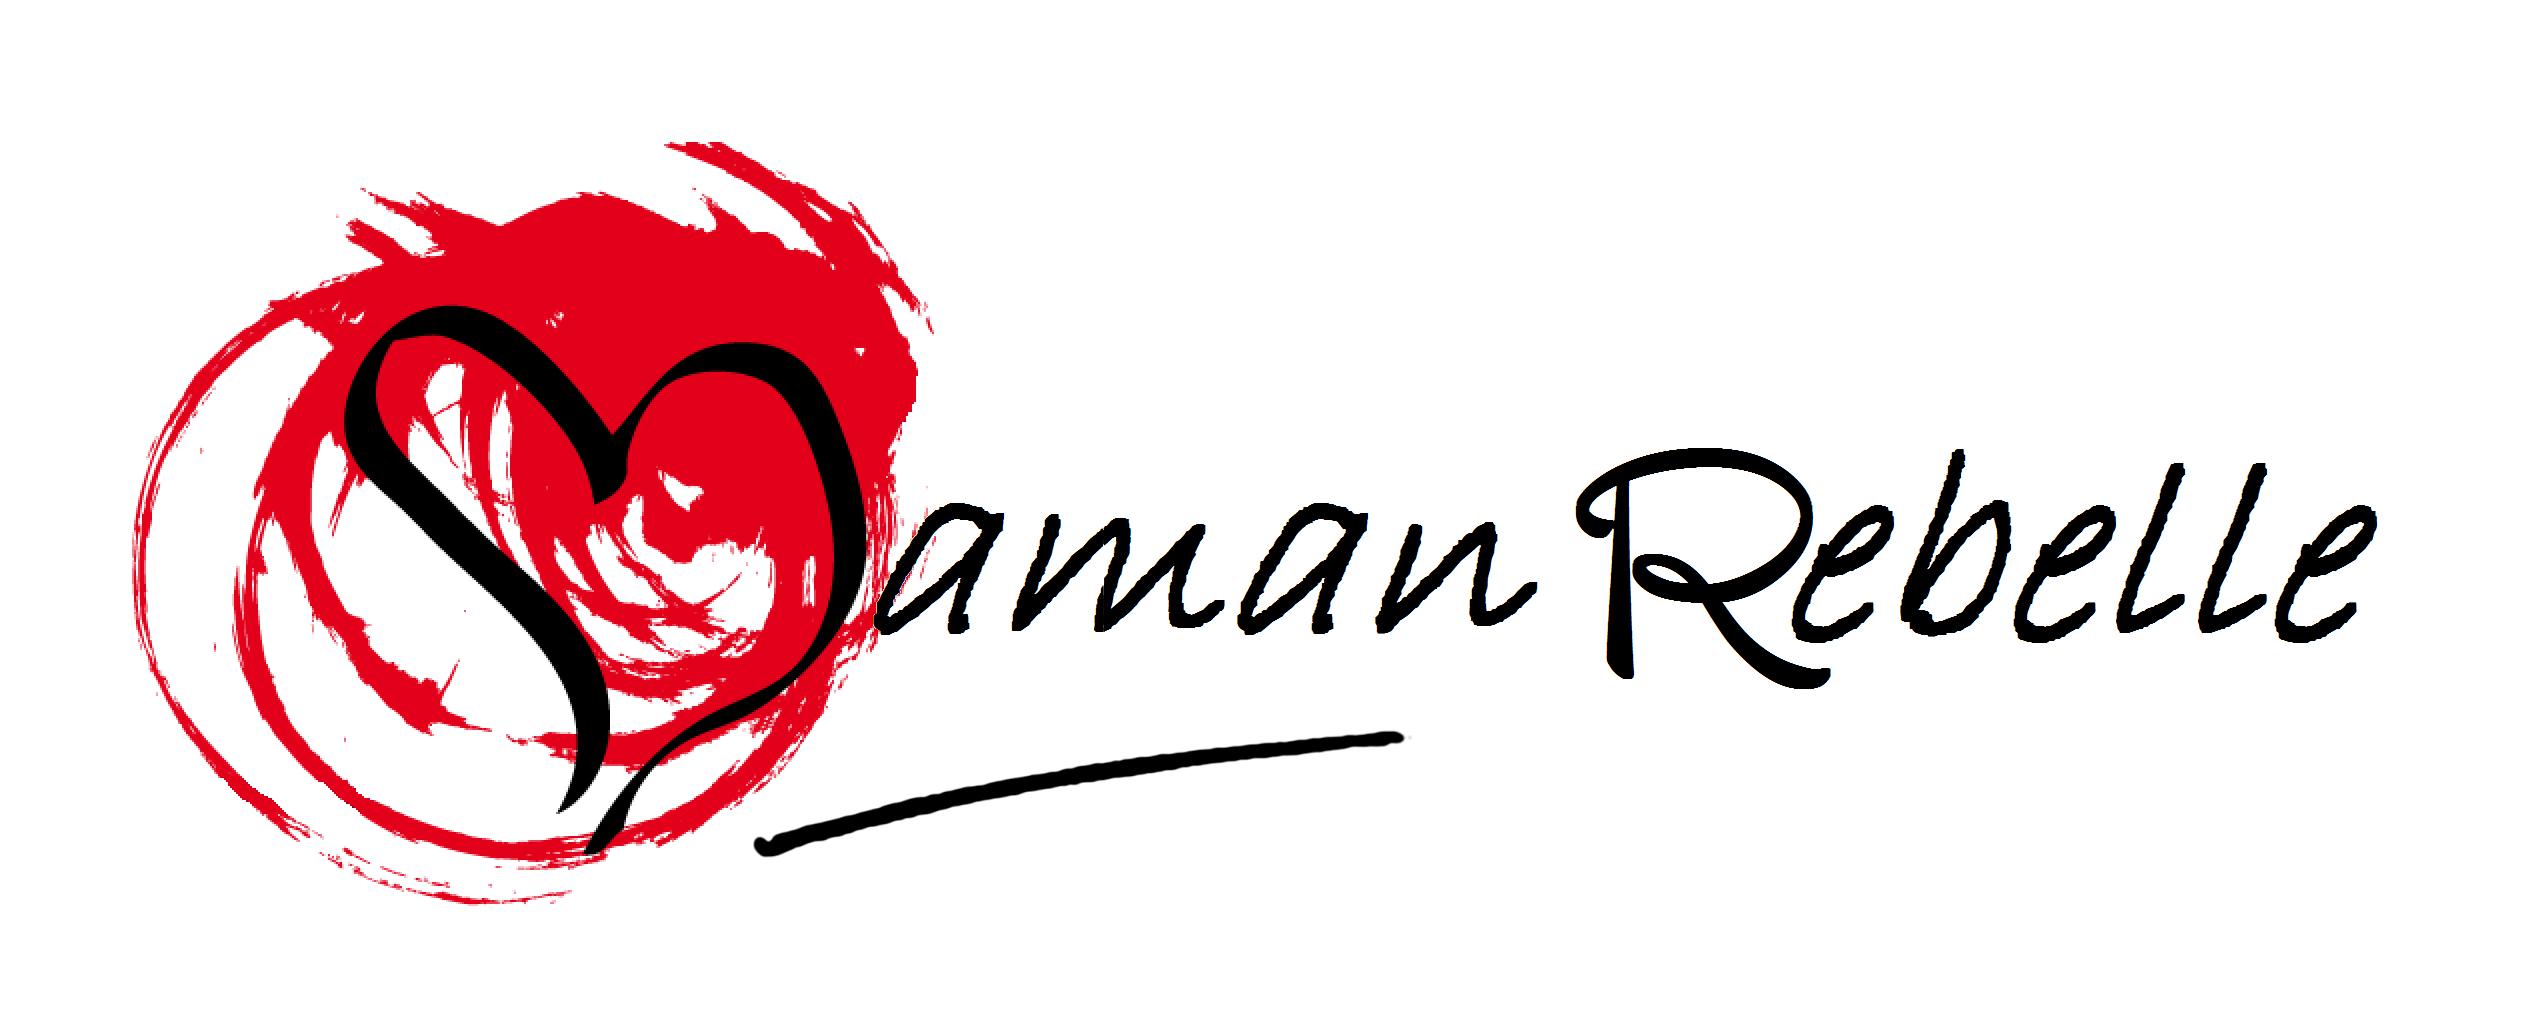 signature MamanRebelle